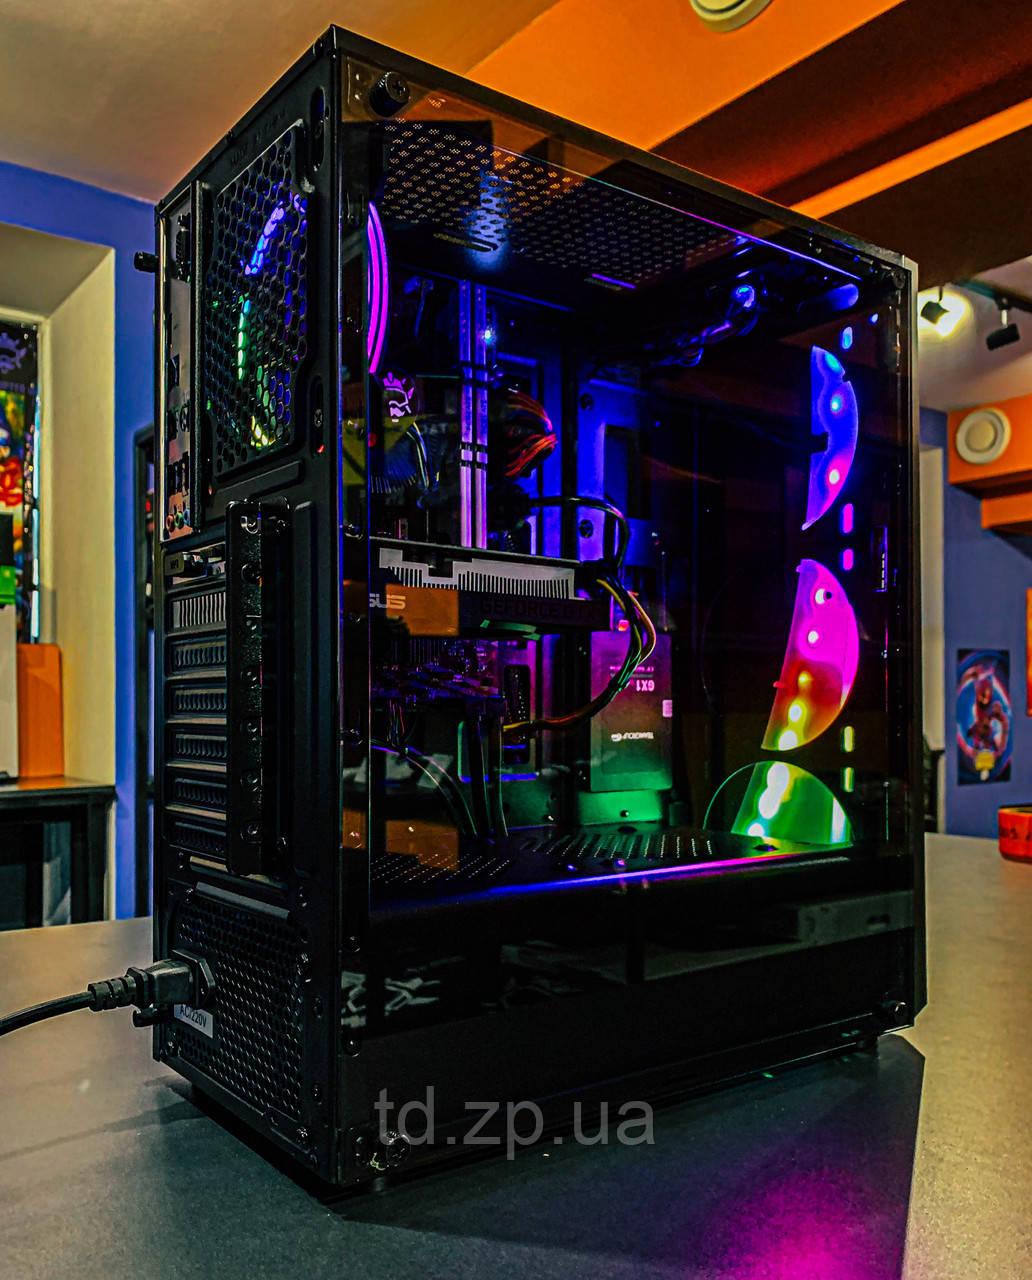 Ігровий комп'ютер Ryzen 5 2600 + GTX 1650 4Gb + RAM 16GB + HDD 500Gb + SSD 120Gb